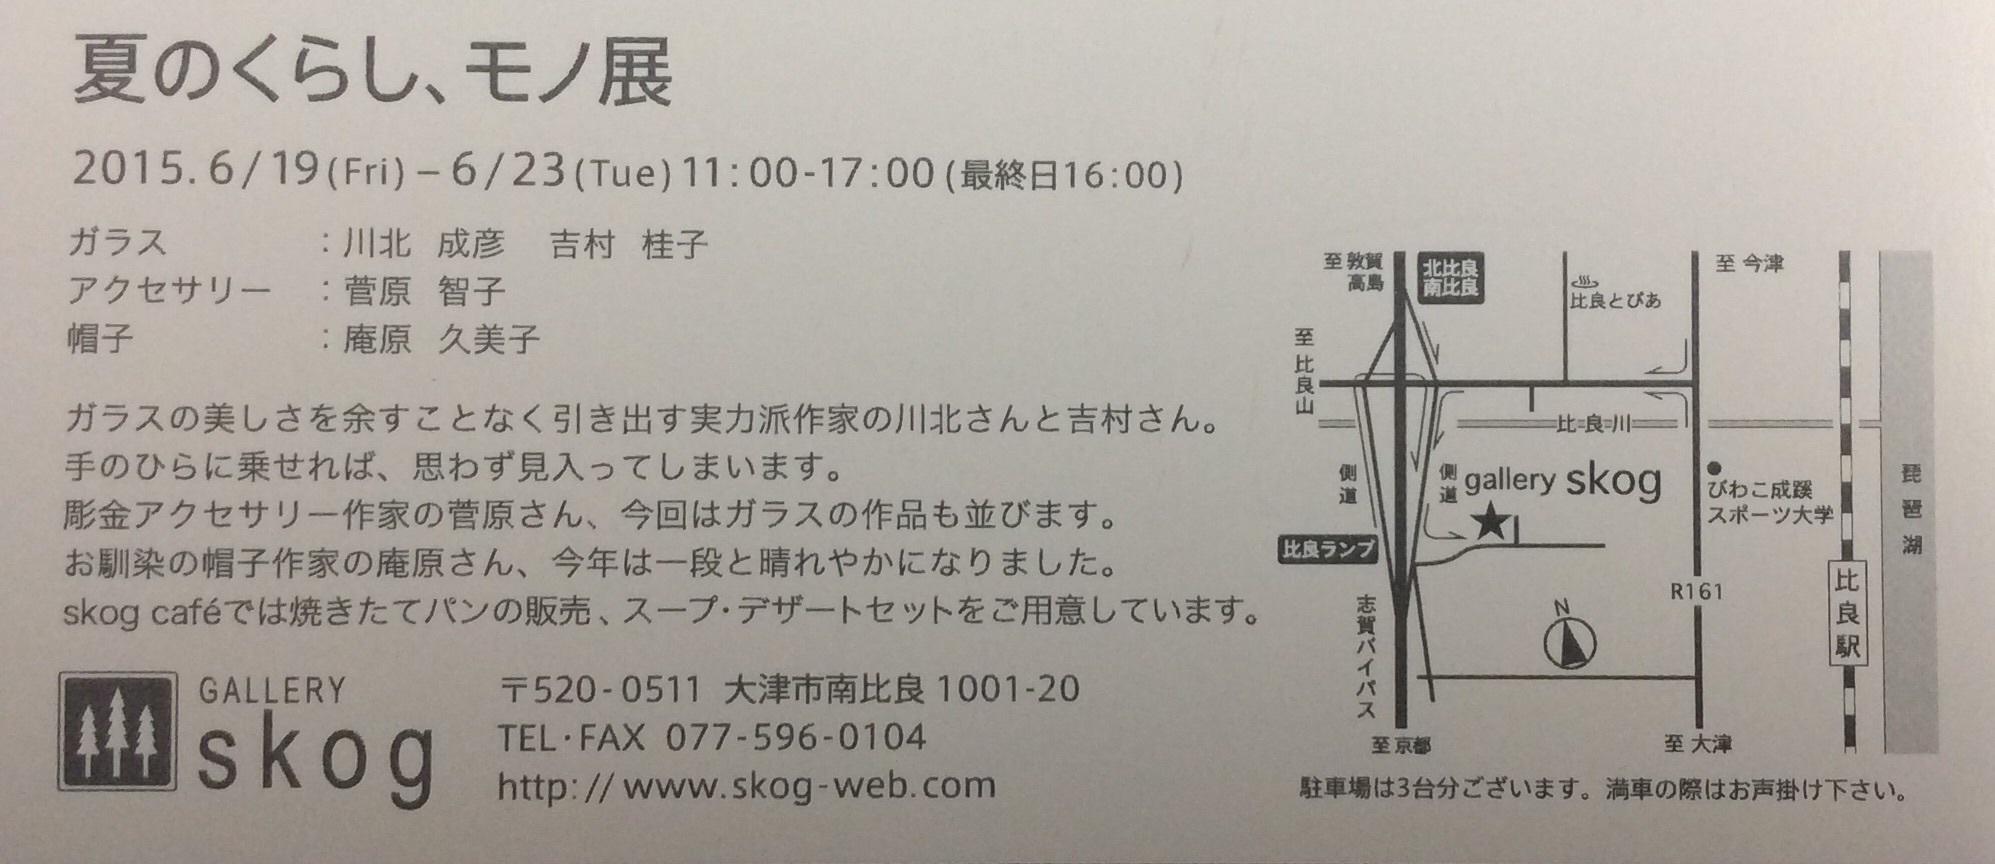 b0220002_23101004.jpg